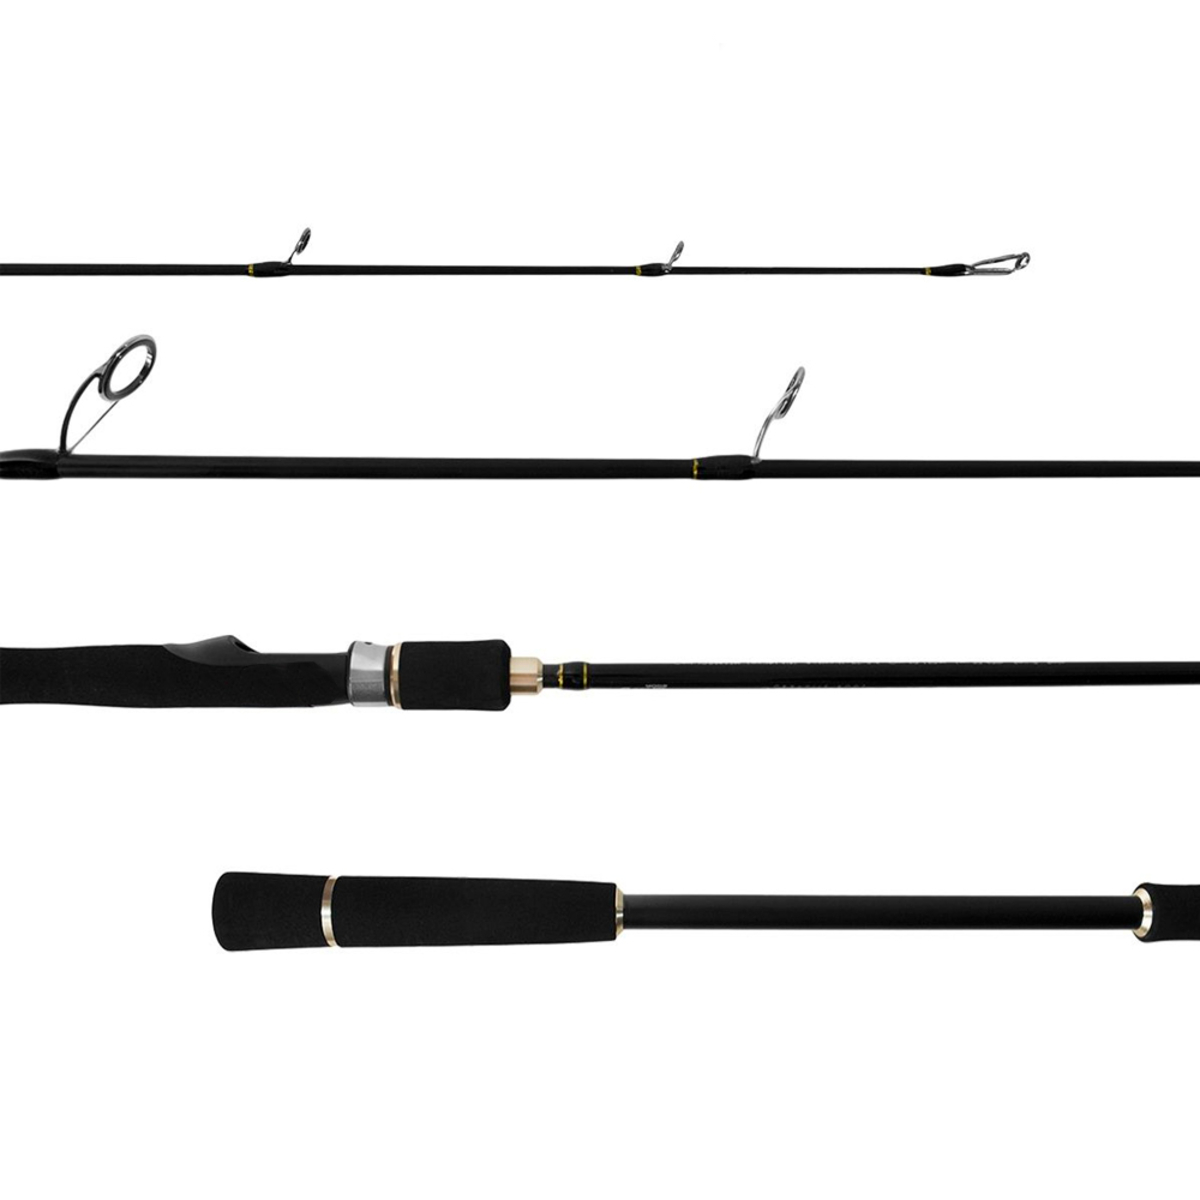 Vara Lumis Jigging Pro 6'3 (1,89m) 20-40lb 2 Partes Molinete